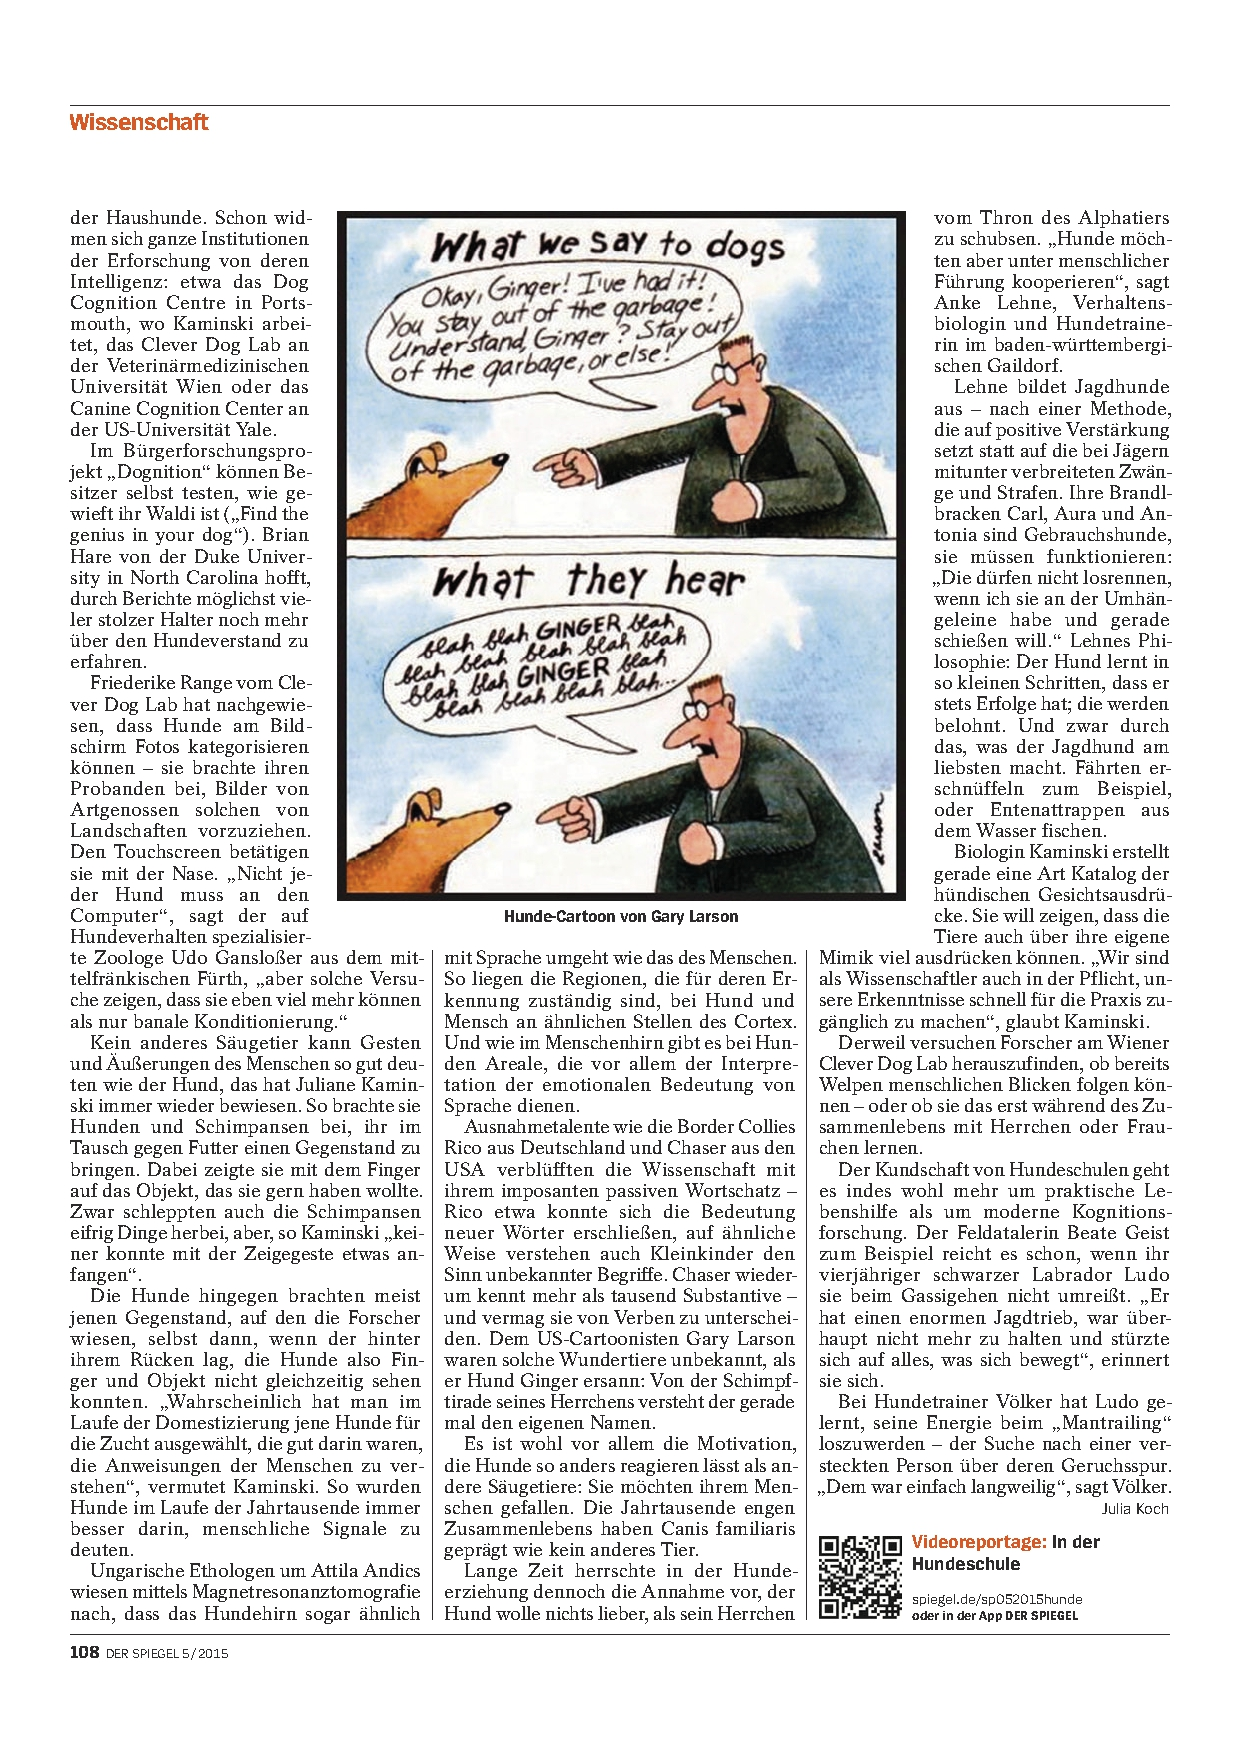 SPIEGEL_2015_05 Seite 108